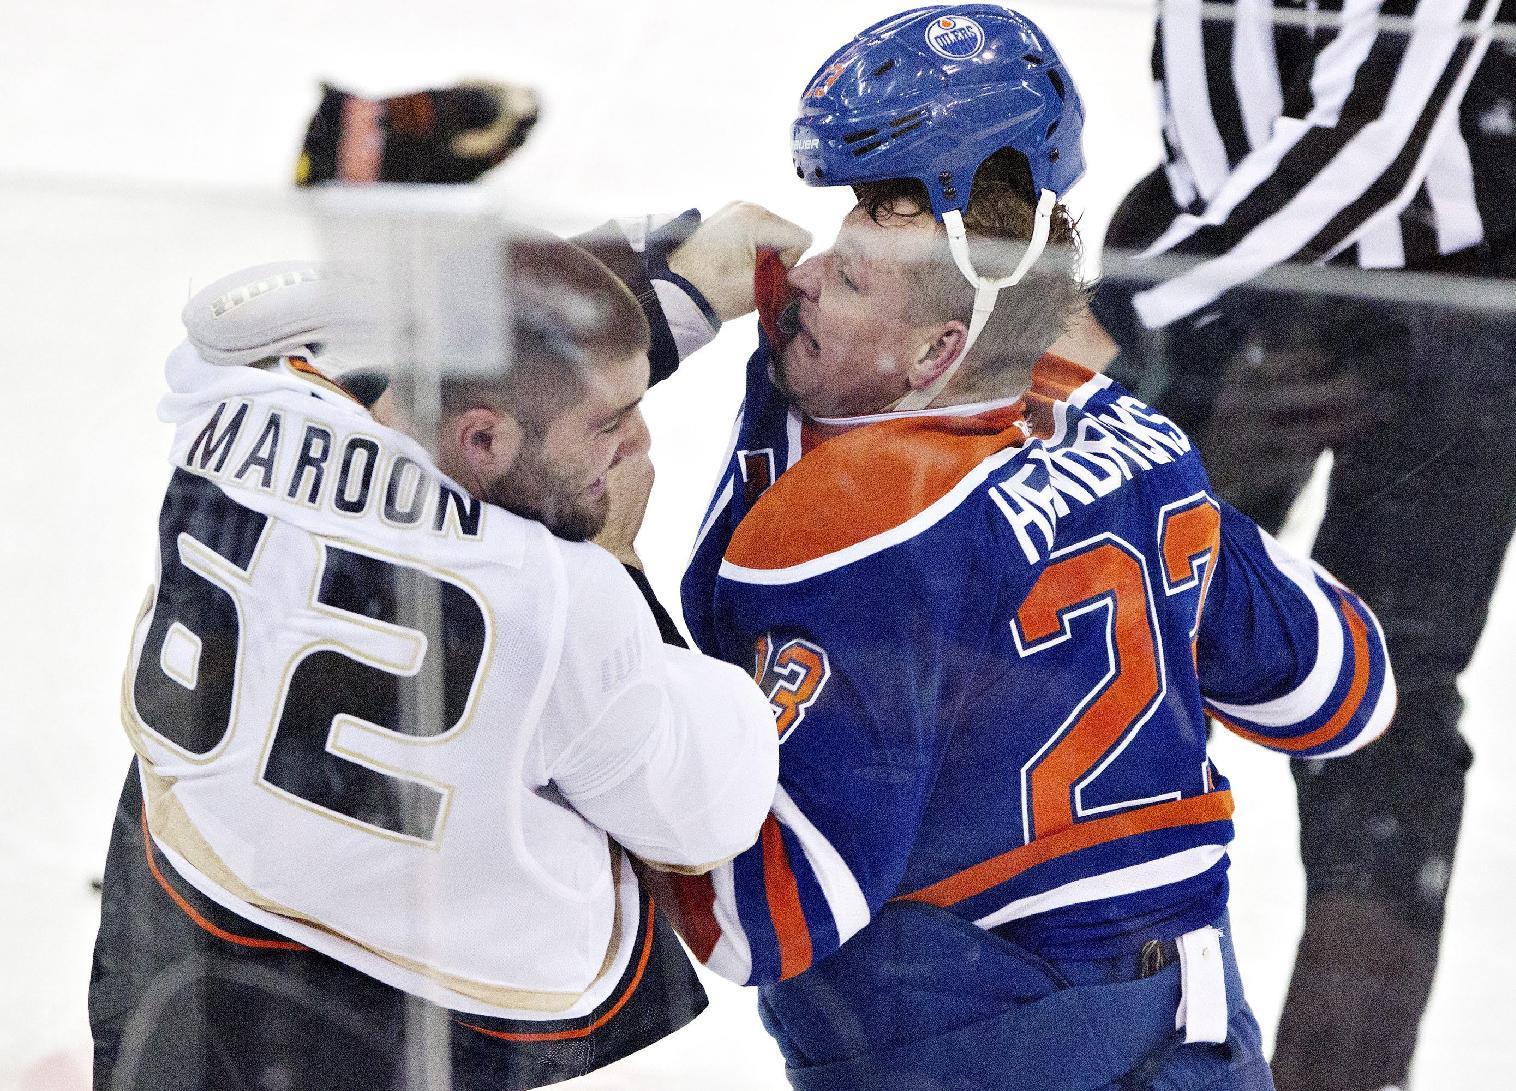 Anaheim Ducks Patrick Maroon (62) fights Edmonton Oilers Matt Hendricks (23) during second period NHL hockey action in Edmonton,  Alberta, on Sunday April 6, 2014